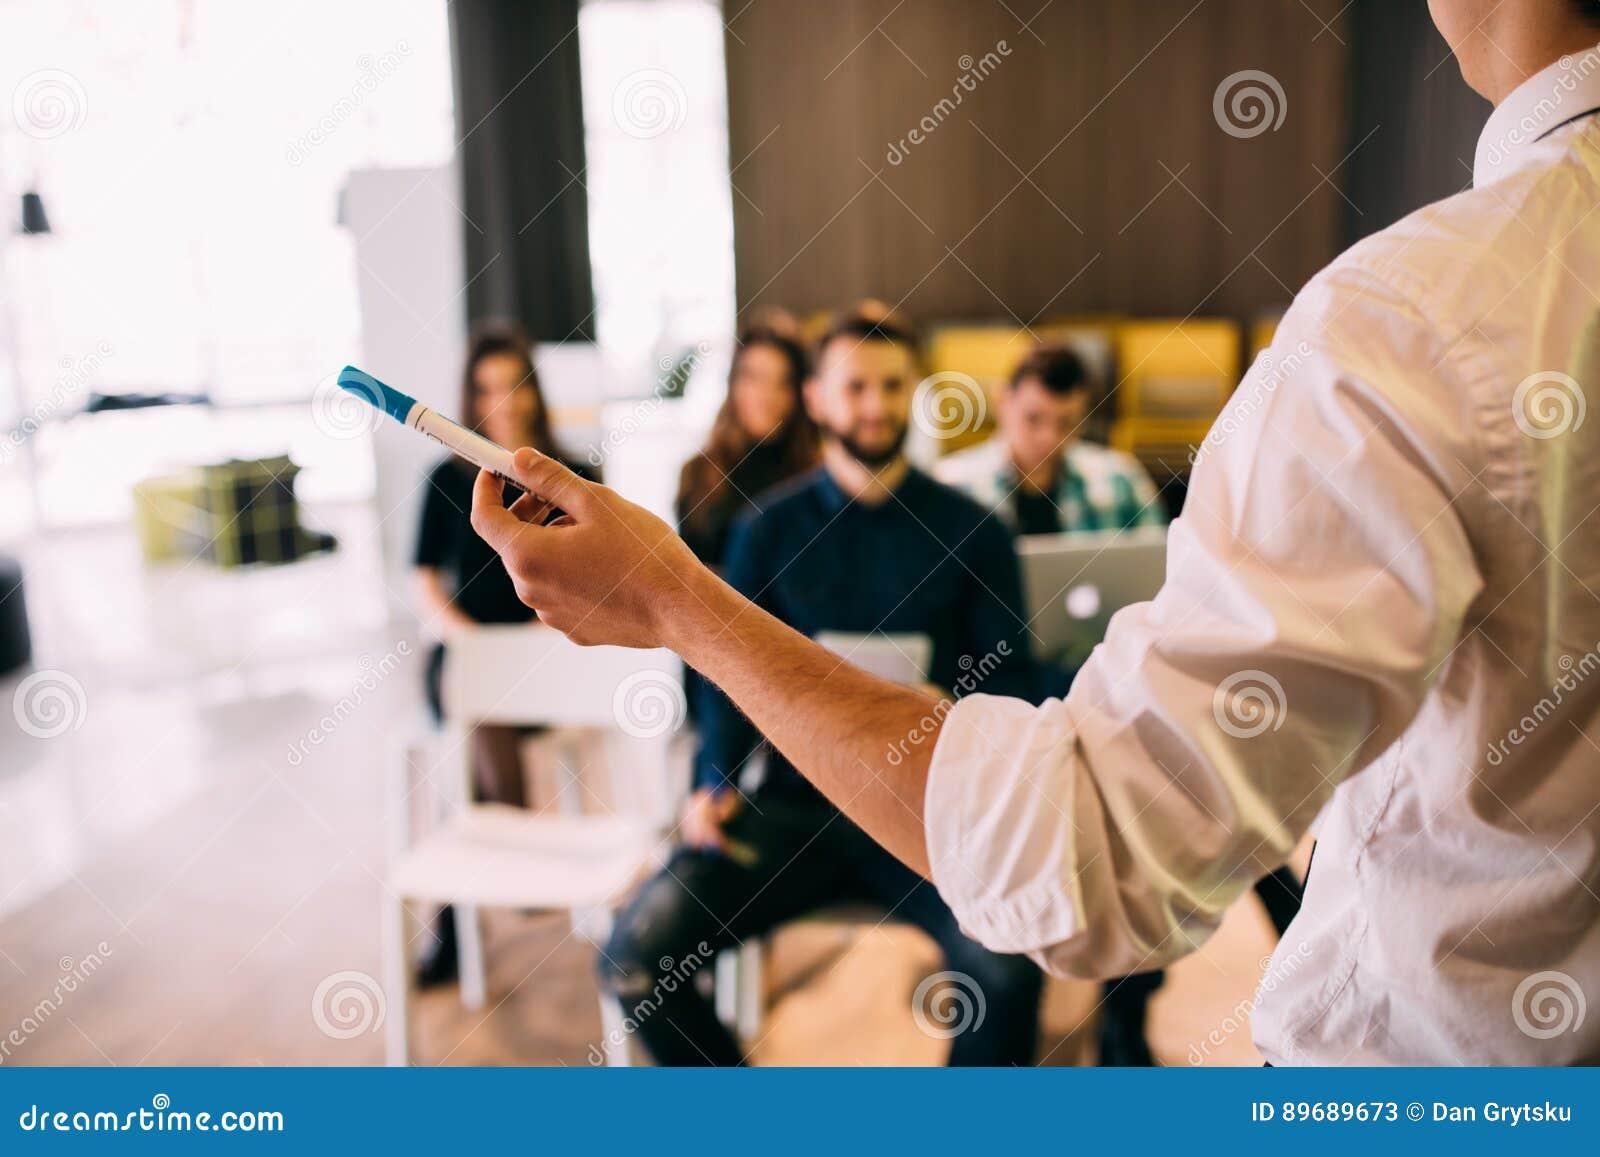 Conférence et formation dans le local commercial pour les collègues intellectuels Foyer sur des mains de haut-parleur